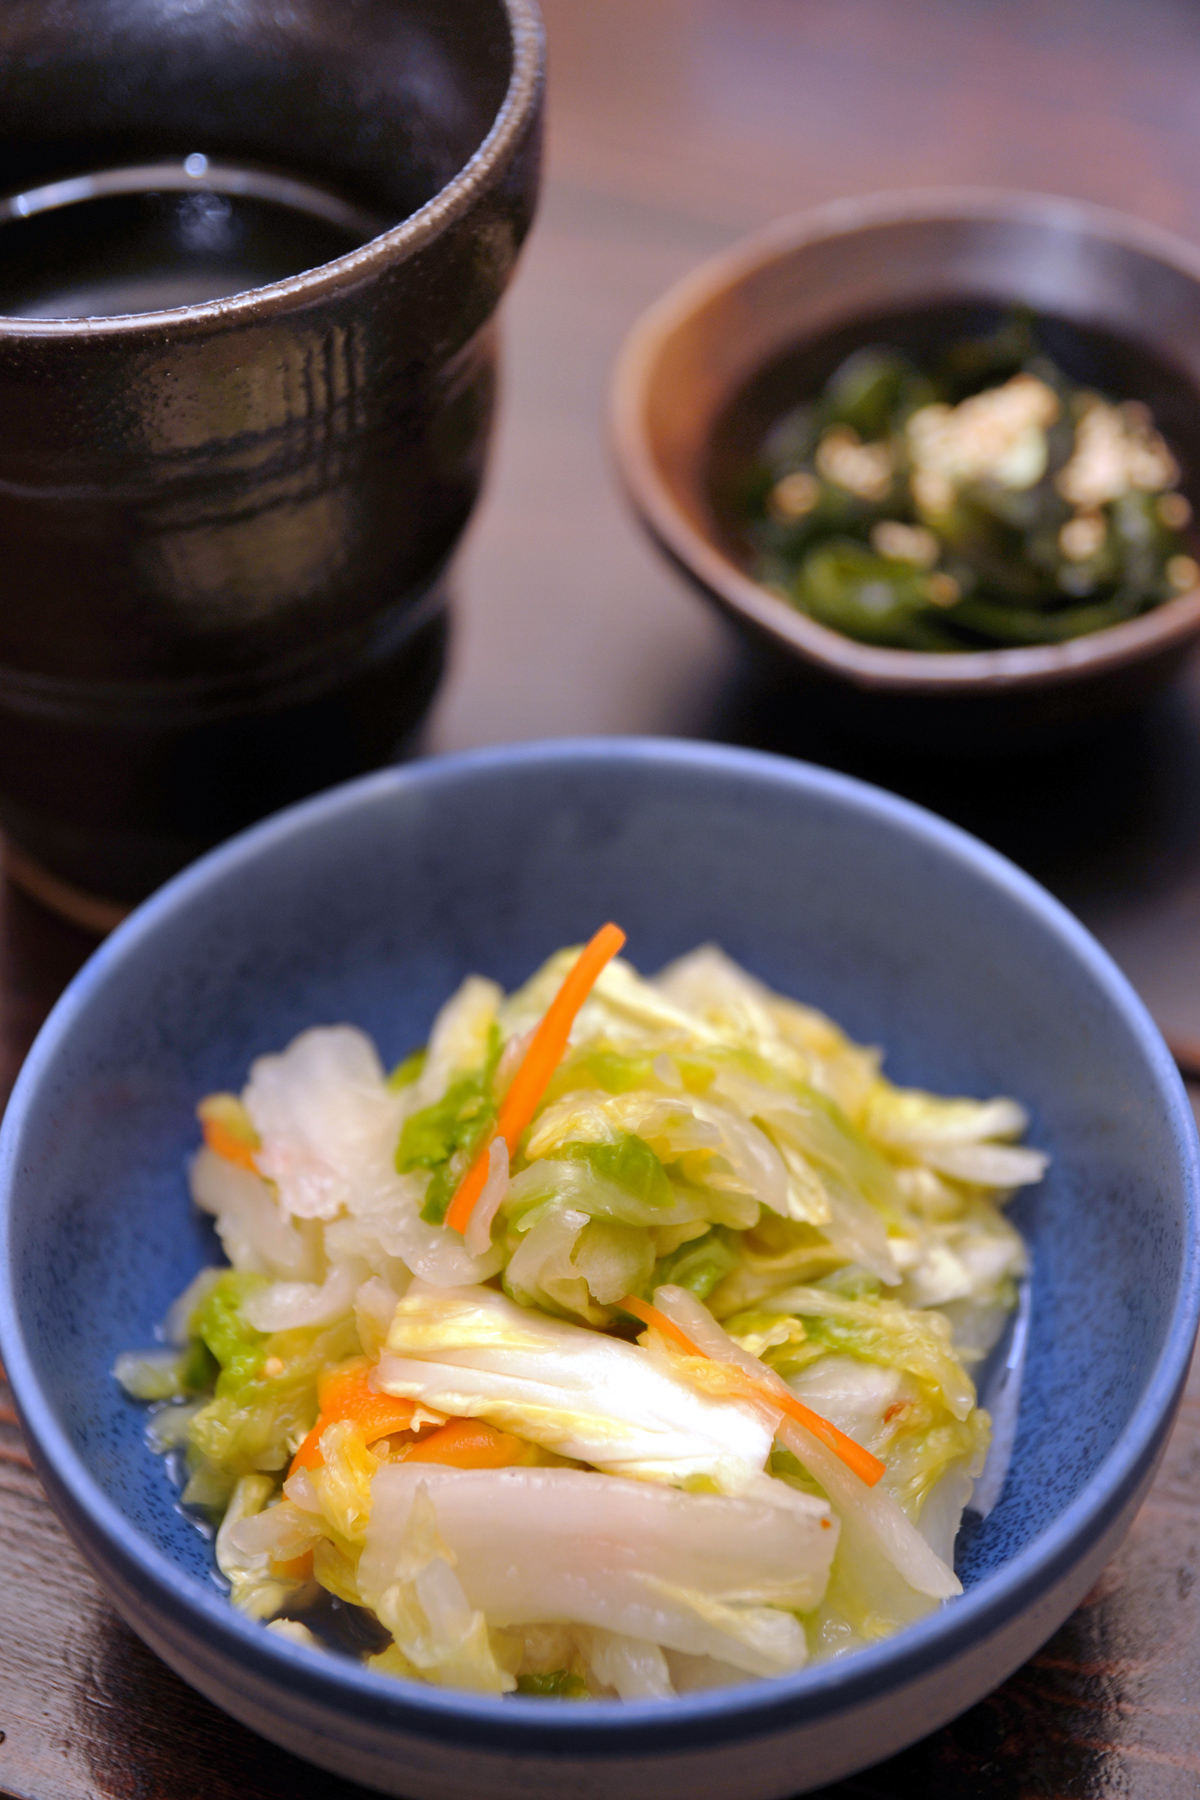 白菜漬け(冨紗家)NIKON D300 + TAMRON 17-50mm + SB-800【ストロボ】